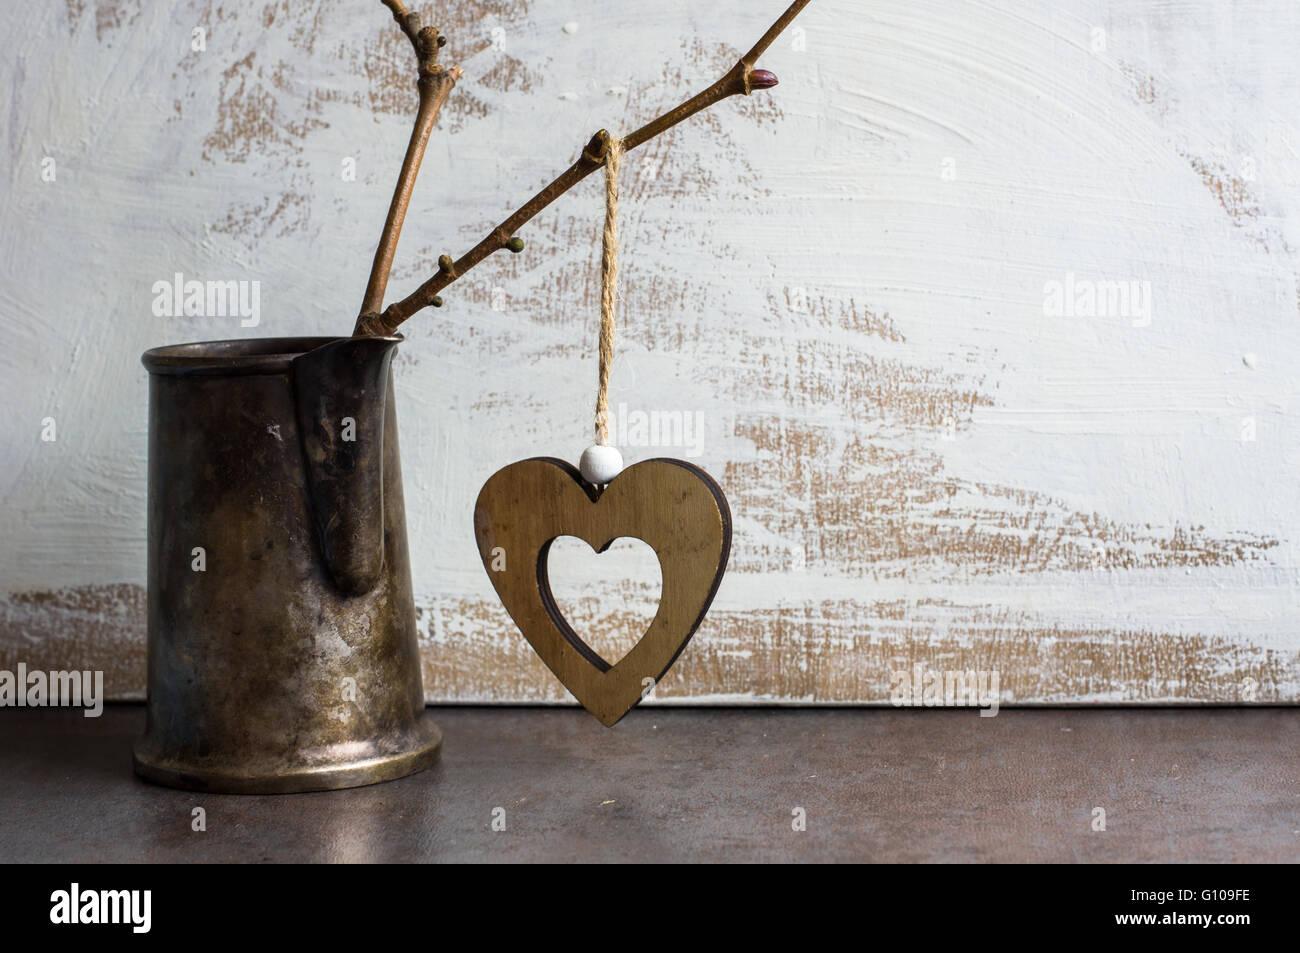 Nett Valentines Bilder Zu Färben Galerie - Malvorlagen Von Tieren ...